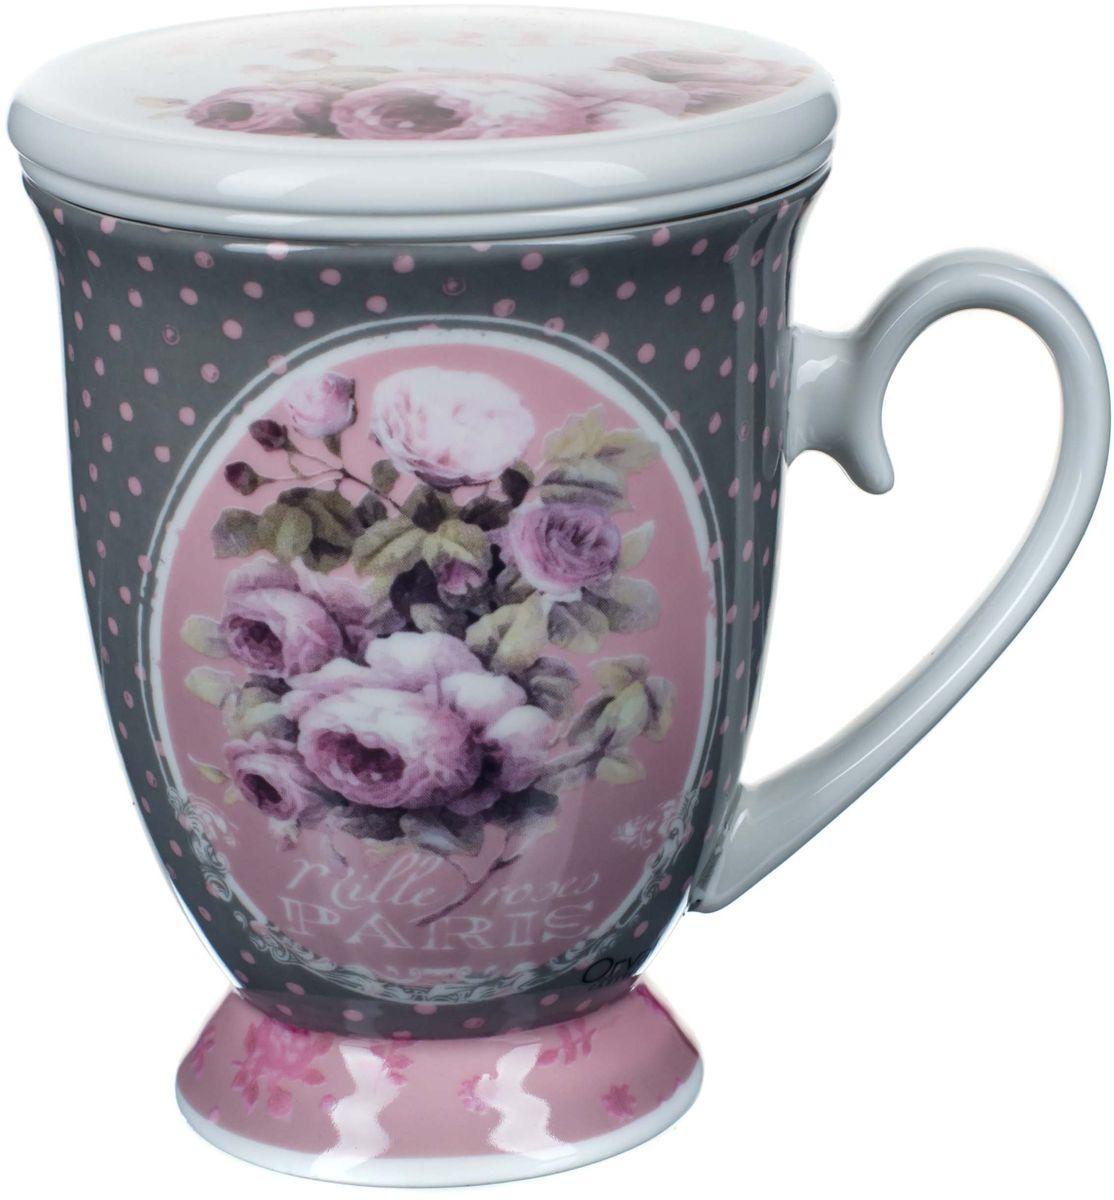 Кружка заварочная ORVAL Тысяча роз Парижа, с фильтром, 2 предметаVT-1520(SR)Для экономии времени была придумана заварочная кружка, с помощью которой можно удобно и быстро заварить чай. Она позволяет совмещать удобство и комфорт с полезностью и качеством.